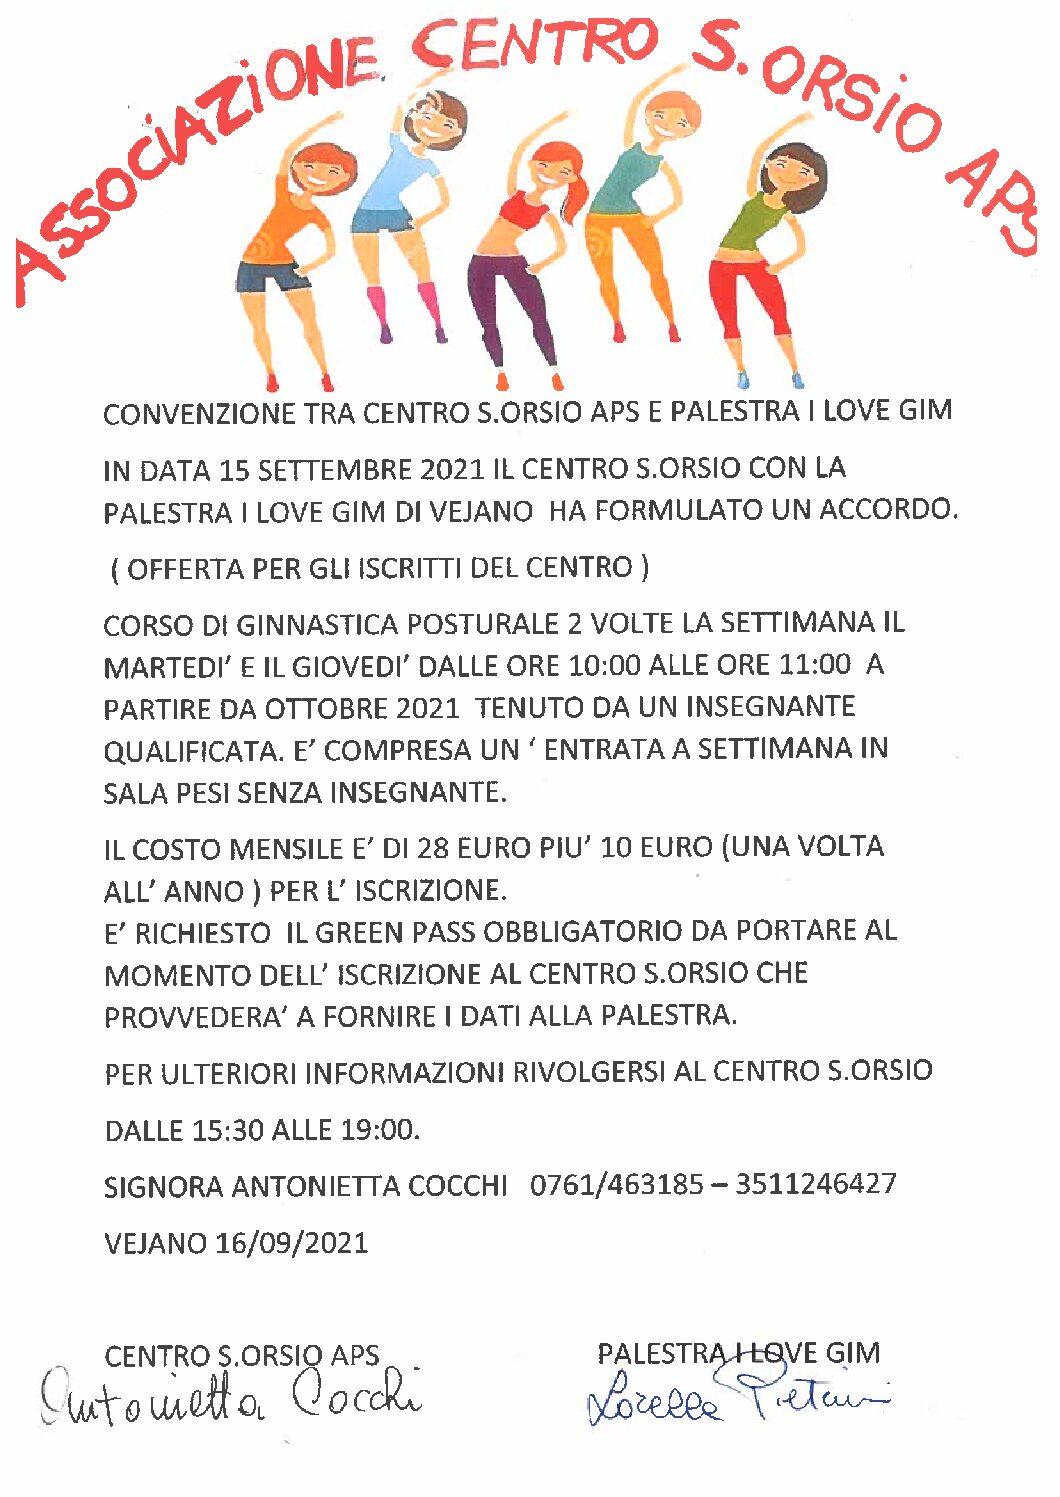 Accordo tra Centro promozione sociale S. Orsio e Palestra Love Gym